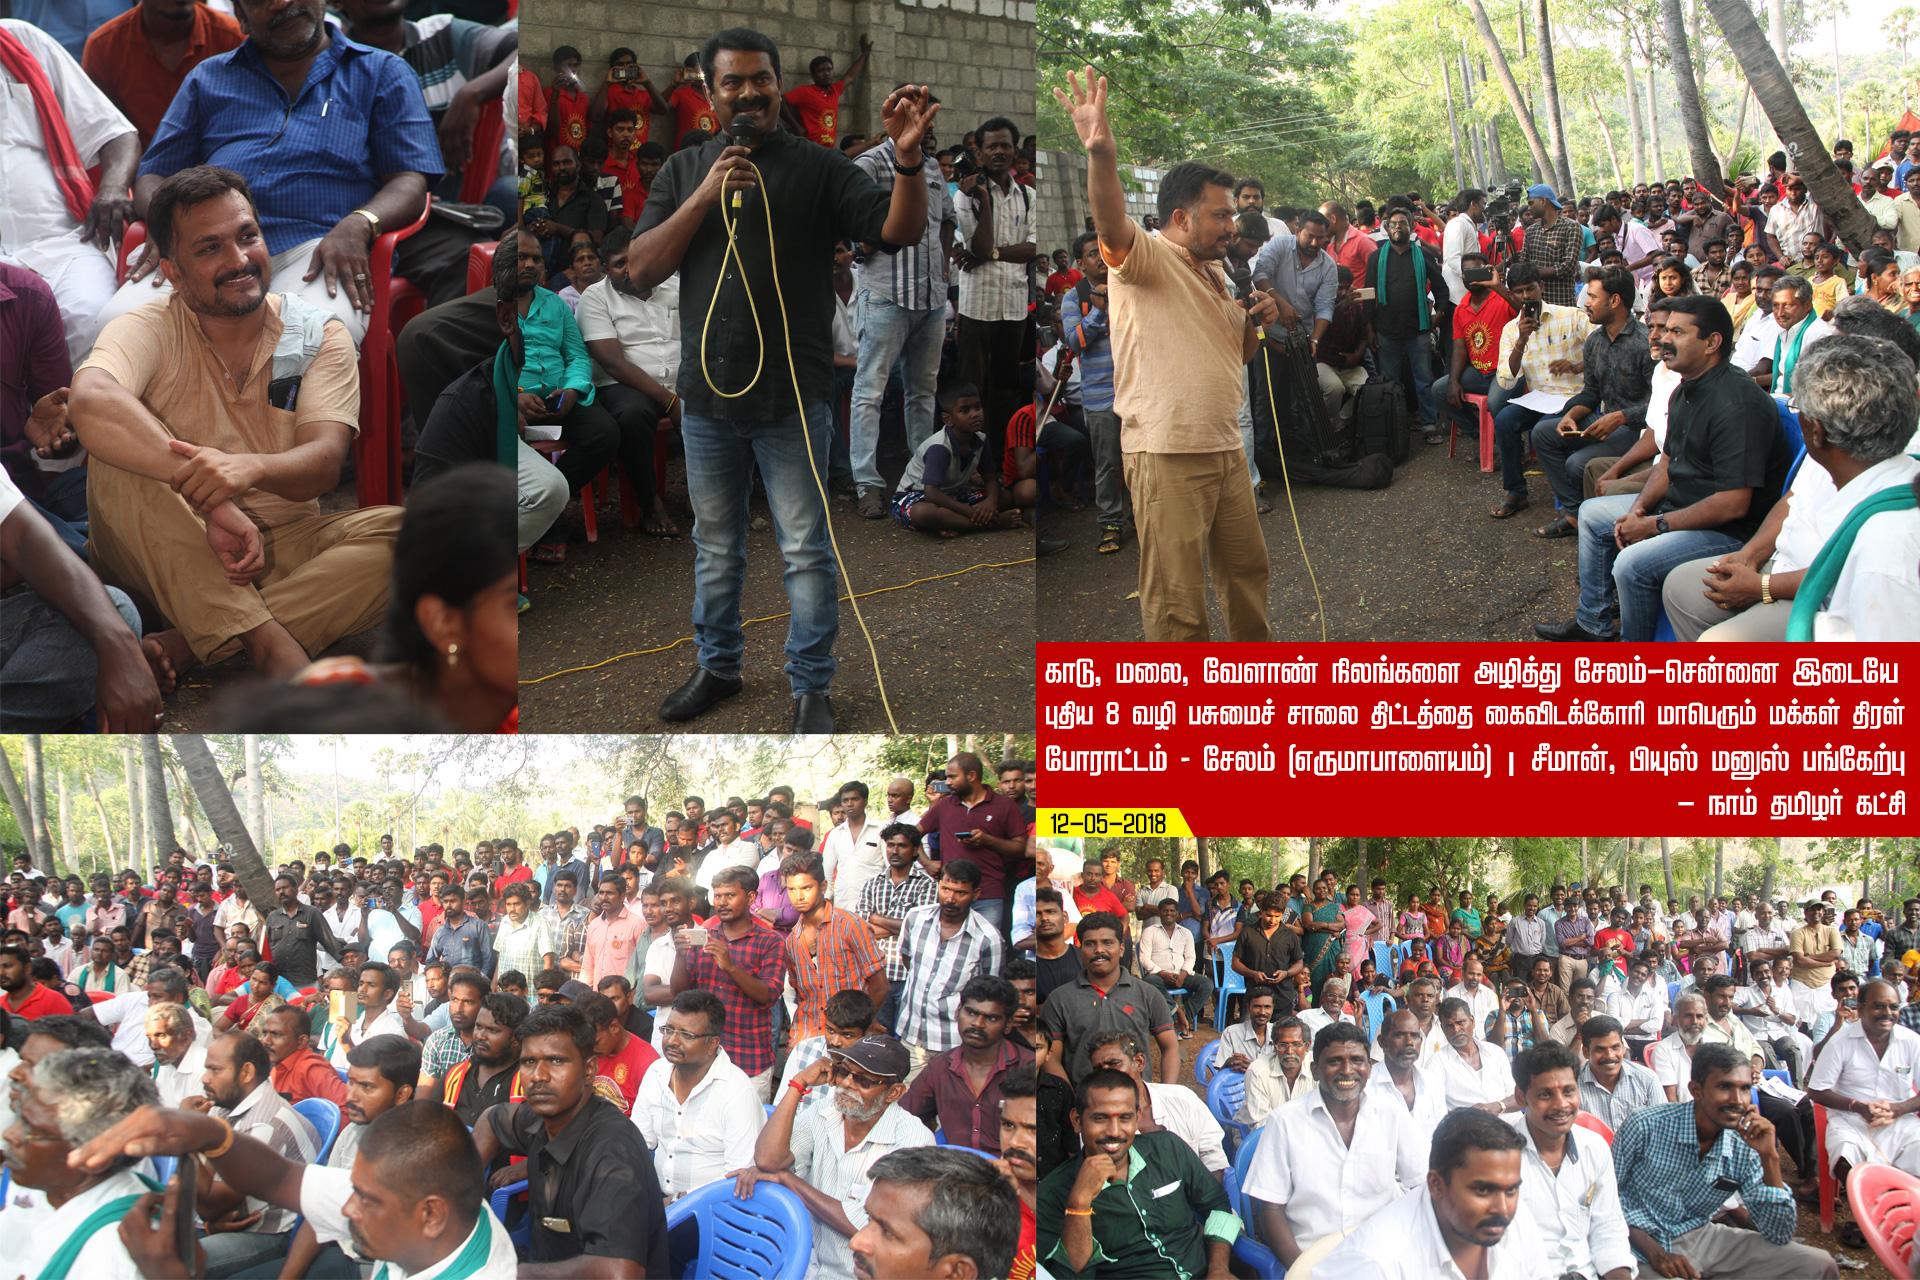 சேலம் – சென்னை 8 வழி சாலை மற்றும் சேலம் விமான நிலைய விரிவாக்கத்தை எதிர்த்து மாபெரும் மக்கள் திரள் பொதுக்கூட்டம் | சீமான், பியுஸ்மனுஷ் பங்கேற்பு seeman piyush manush protest against salem chennai new 8 way greenways road project yerumapalayam naam tamilar katchi